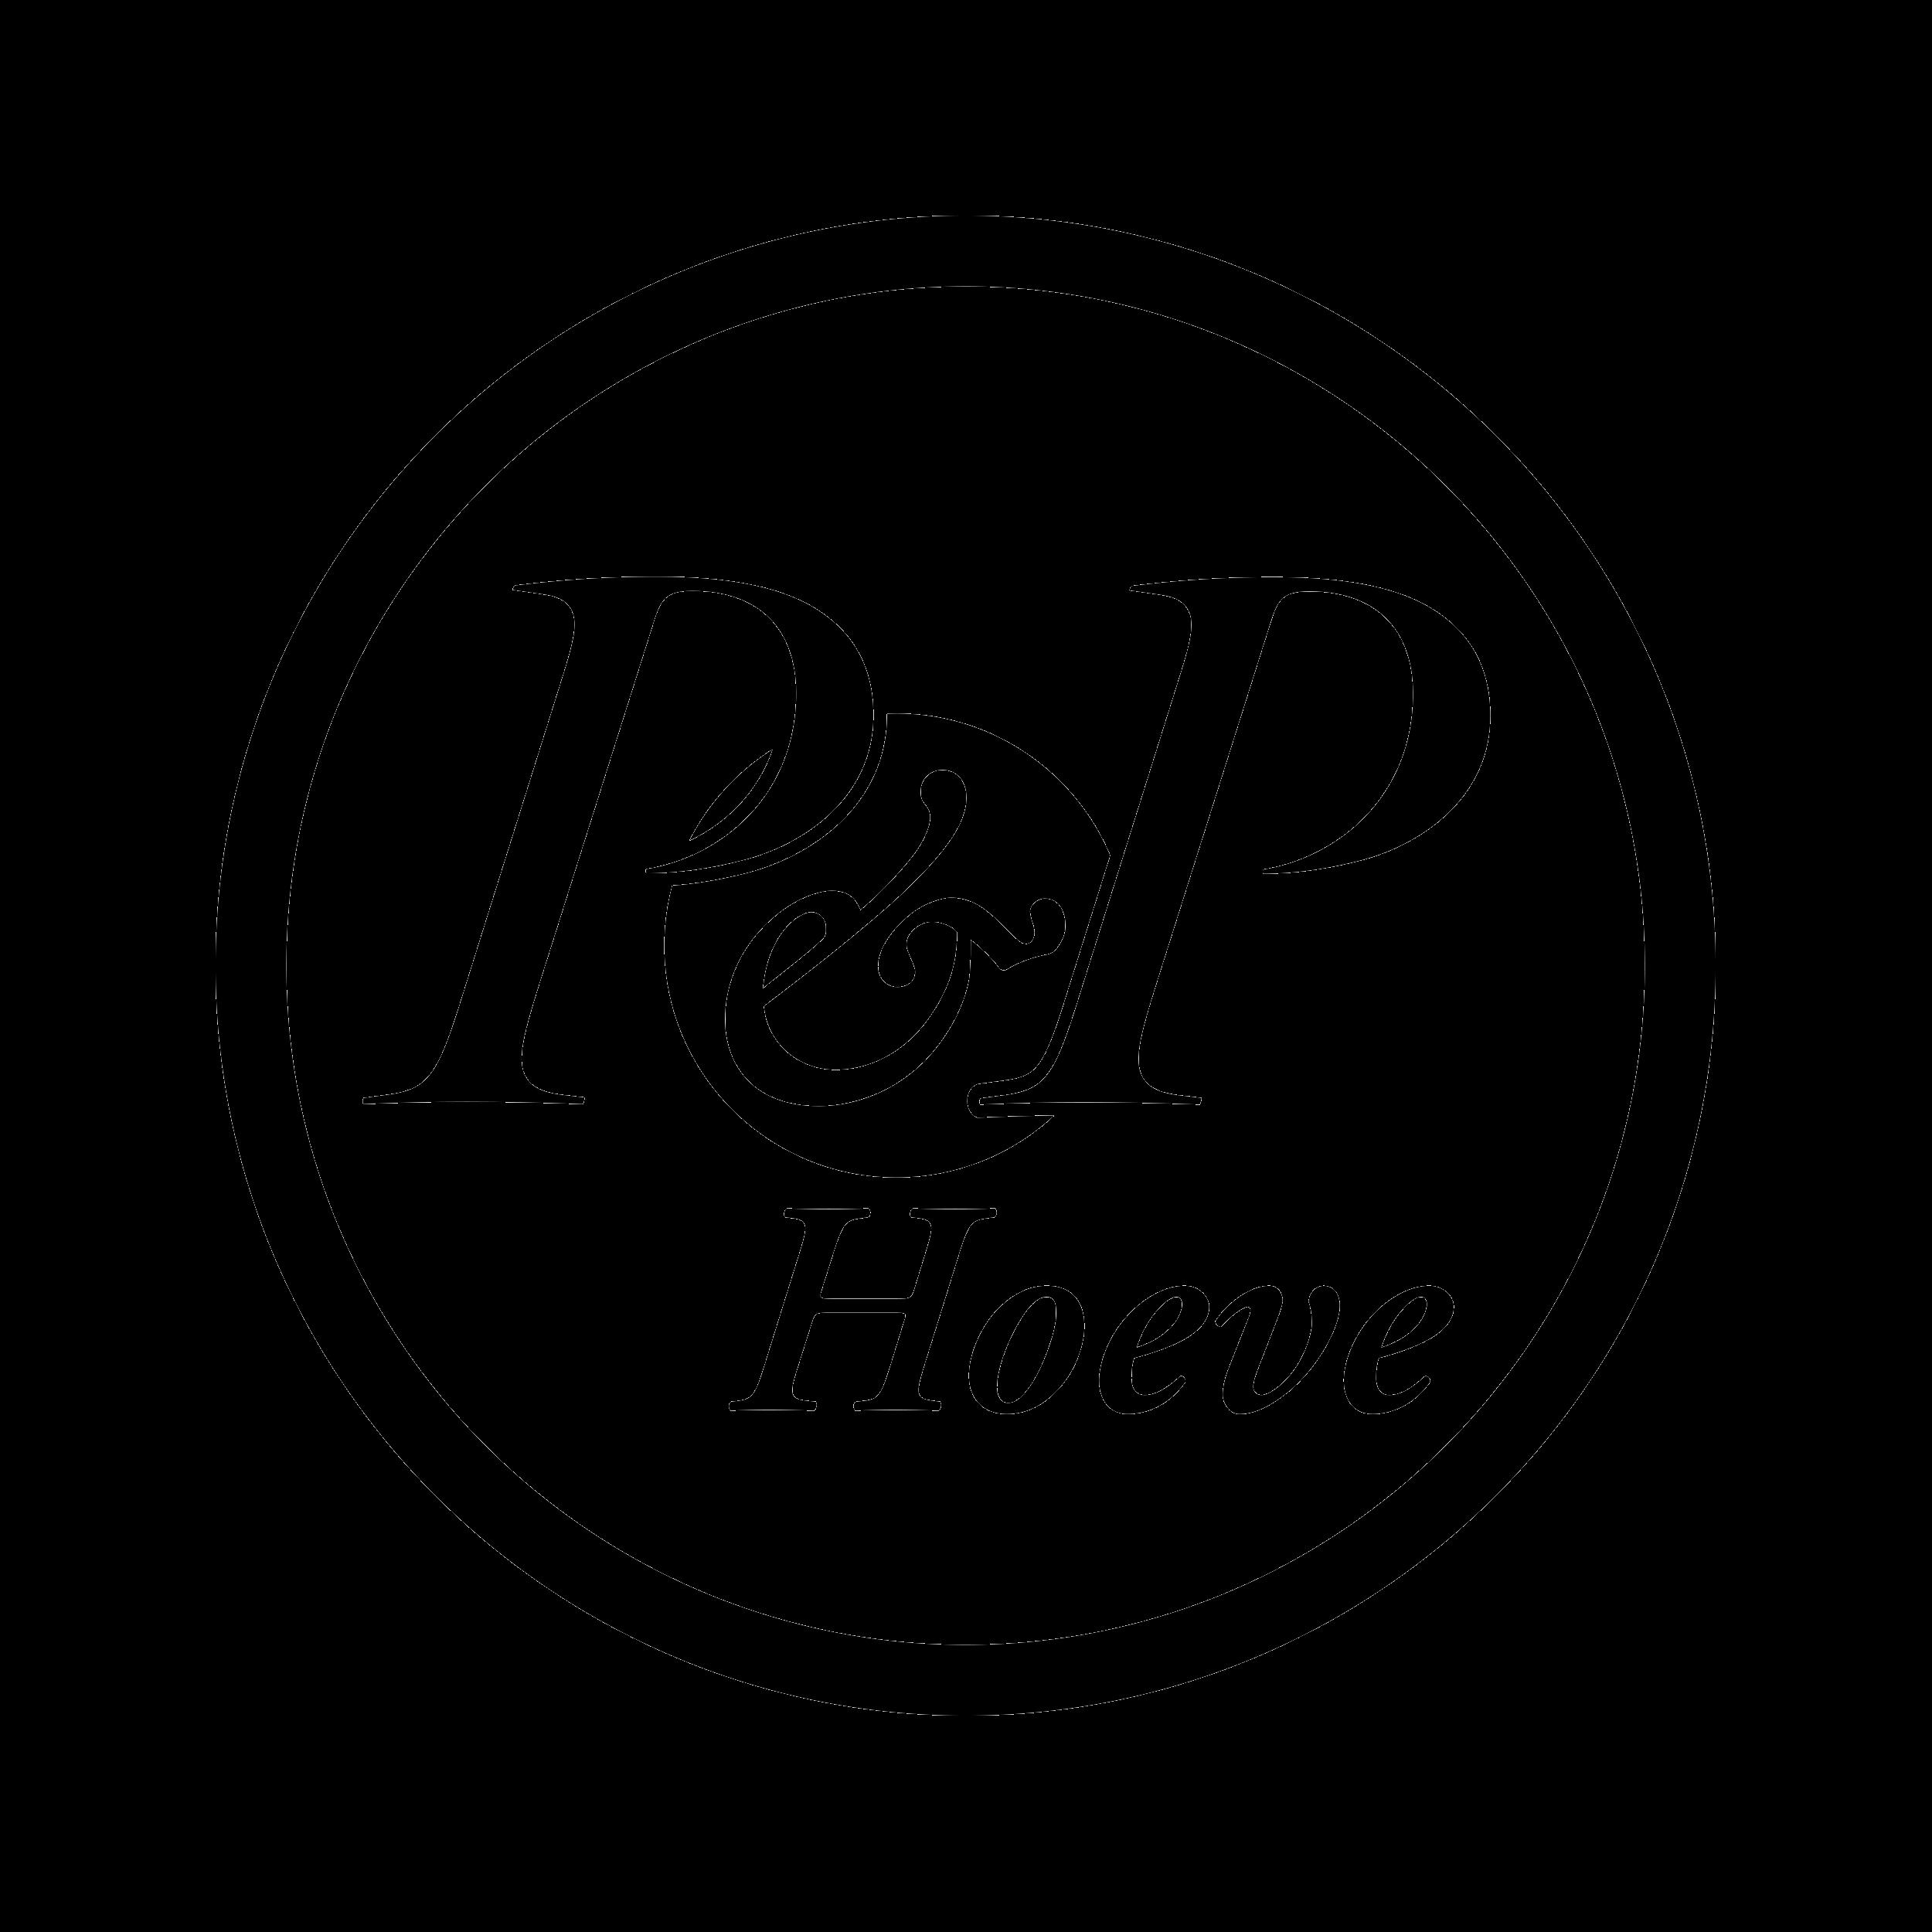 P&P Hoeve